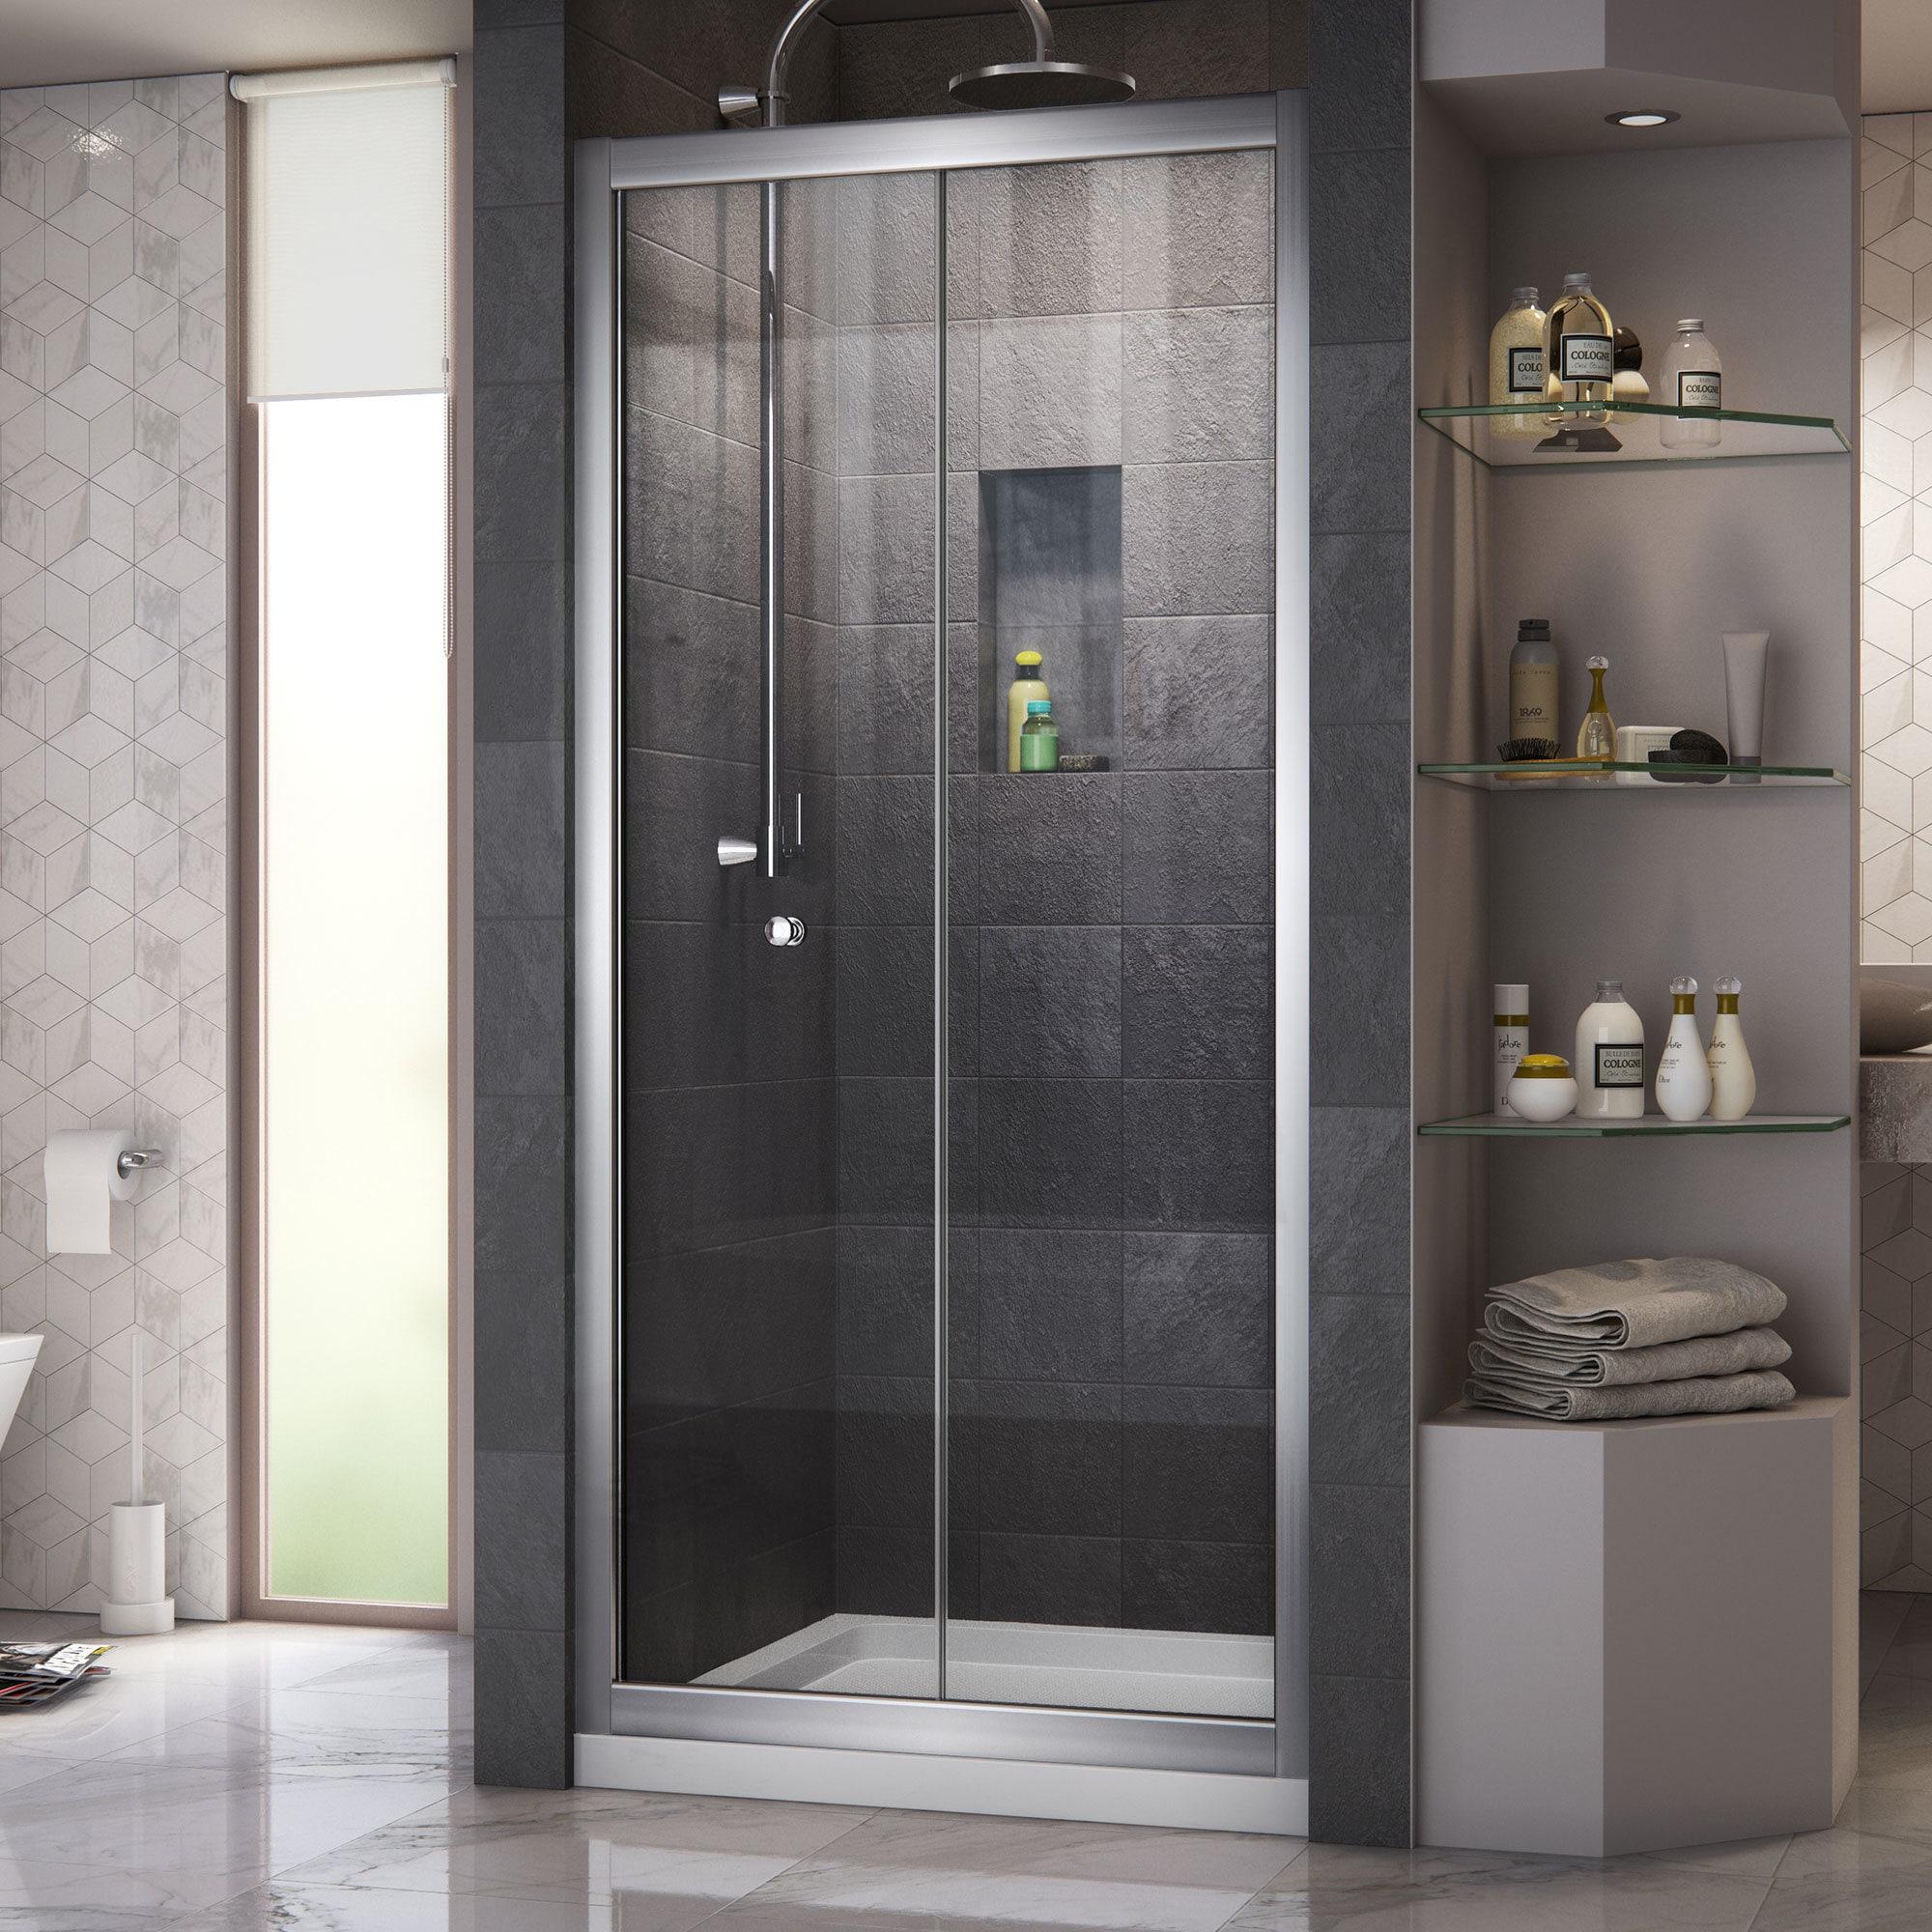 Shop DreamLine Butterfly Frameless Bi-Fold Shower Door, 36 in. by 36 ...